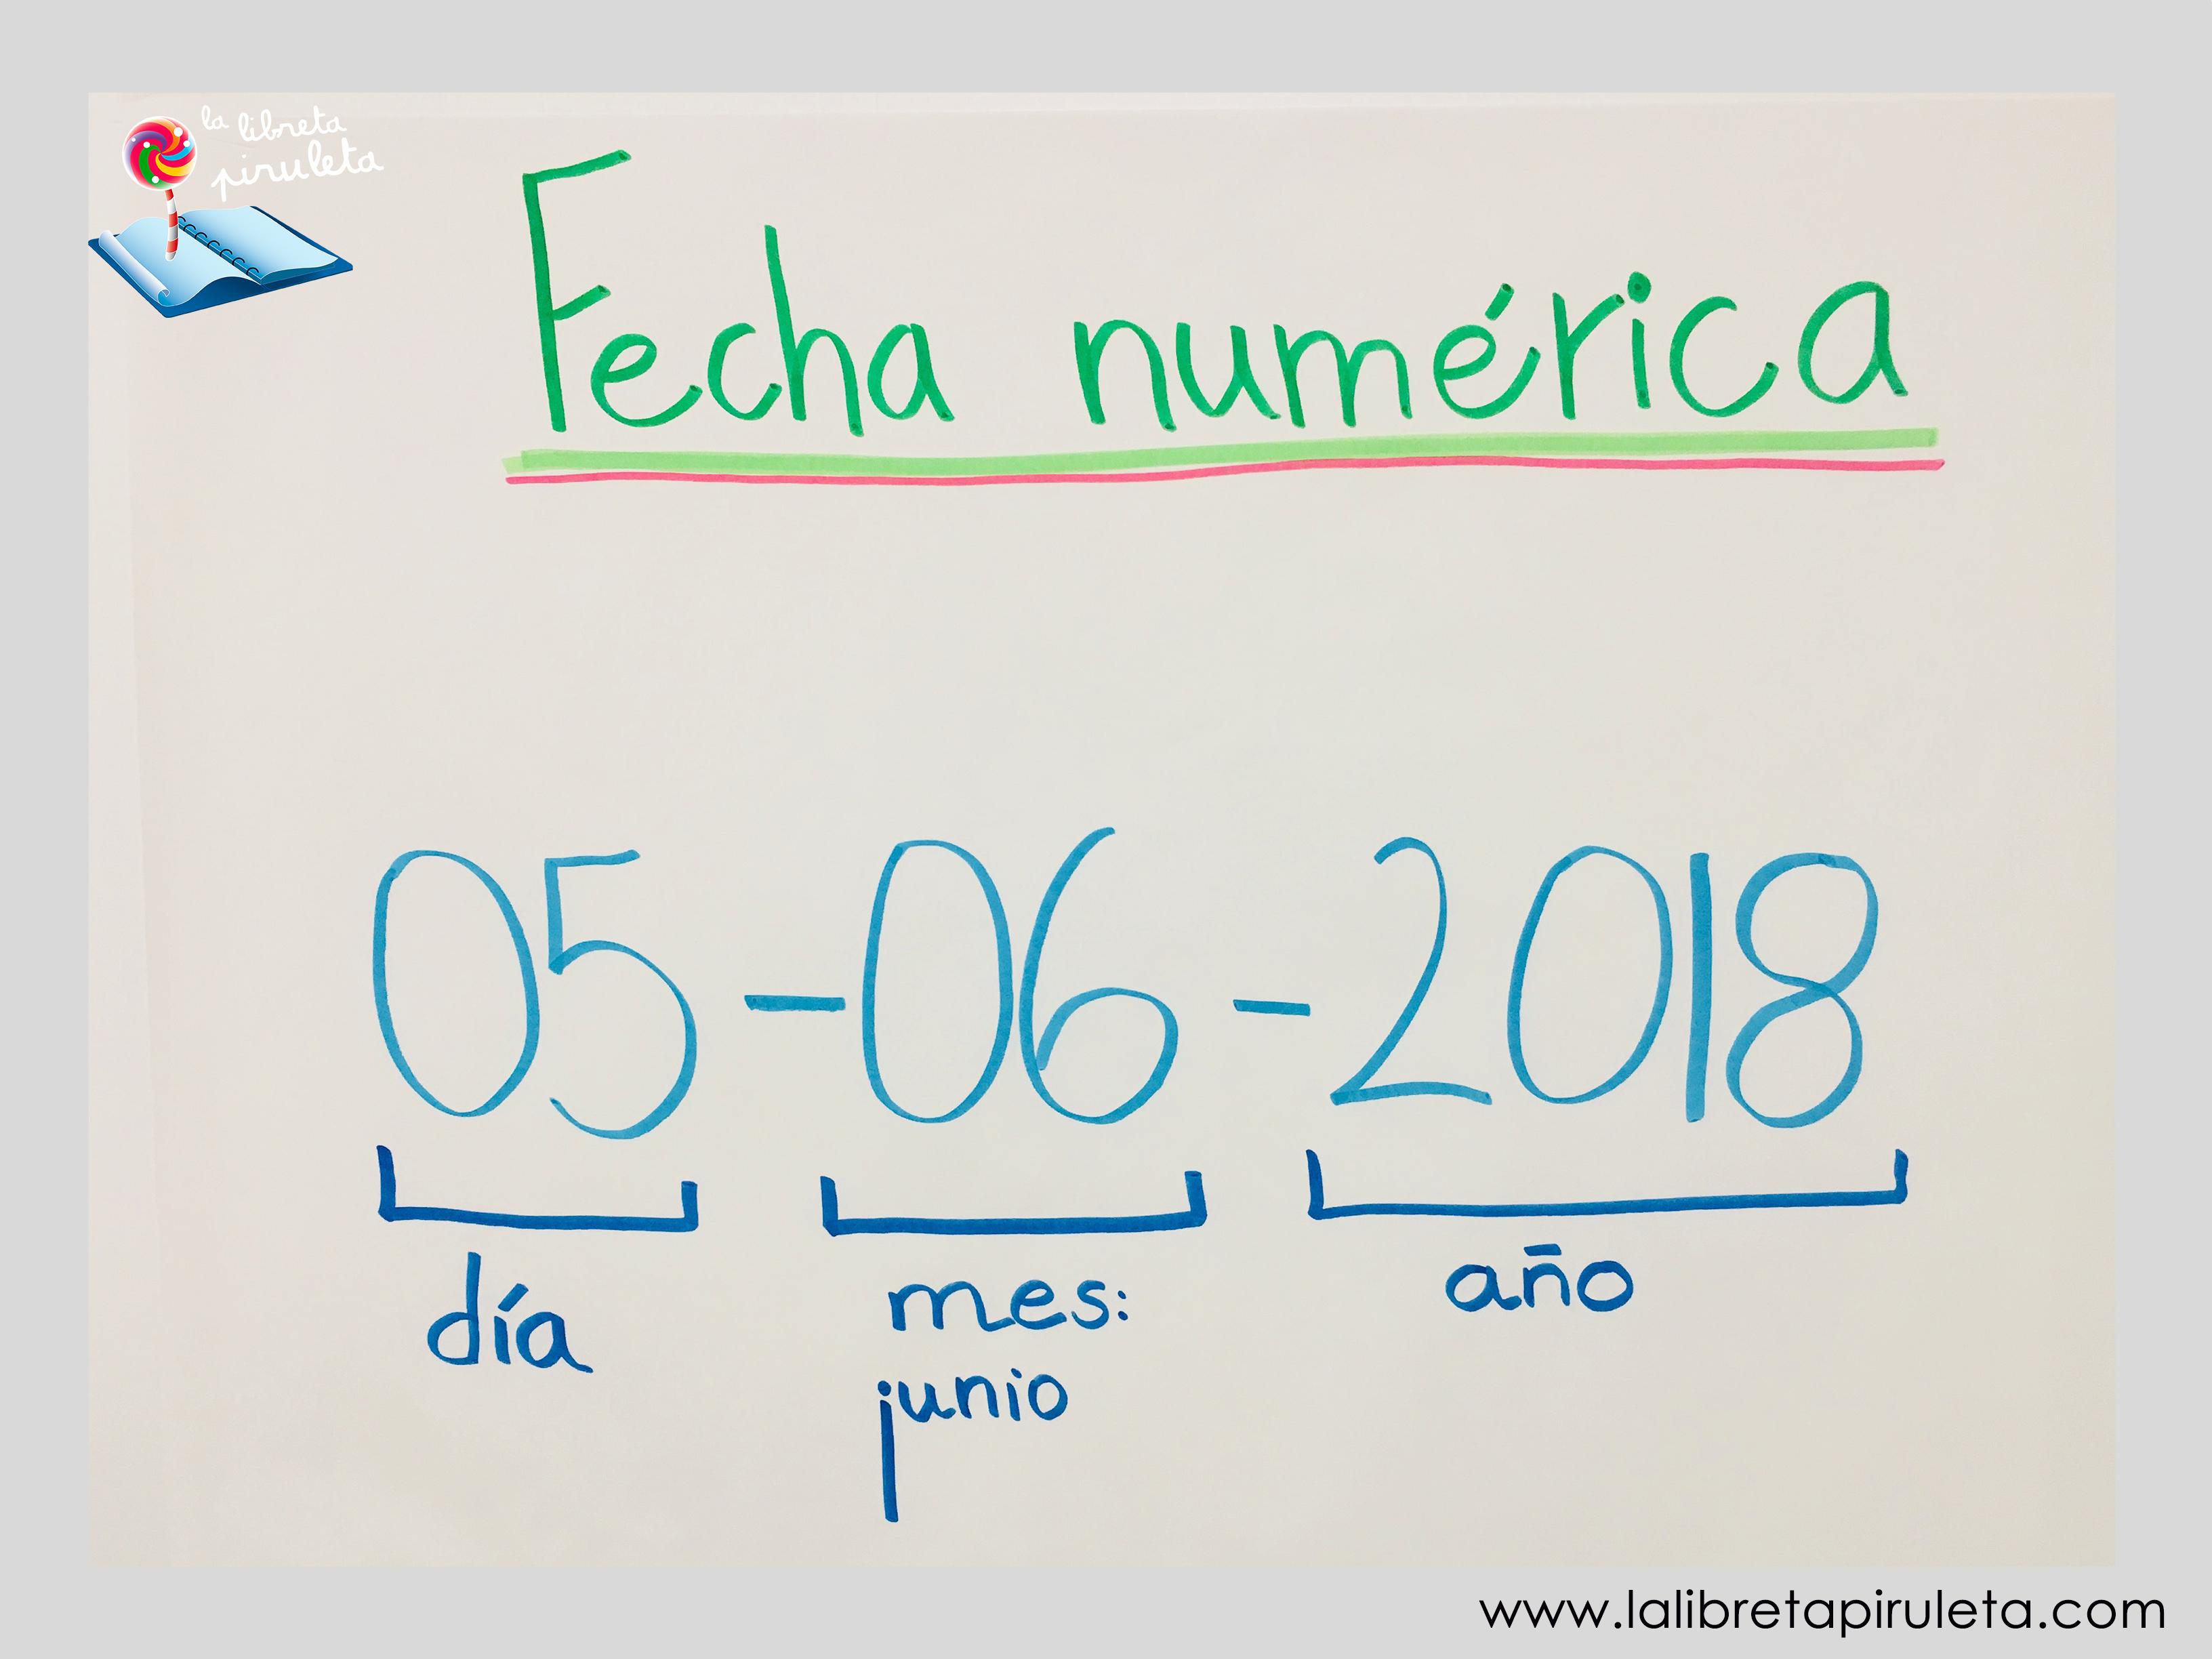 Fecha numérica